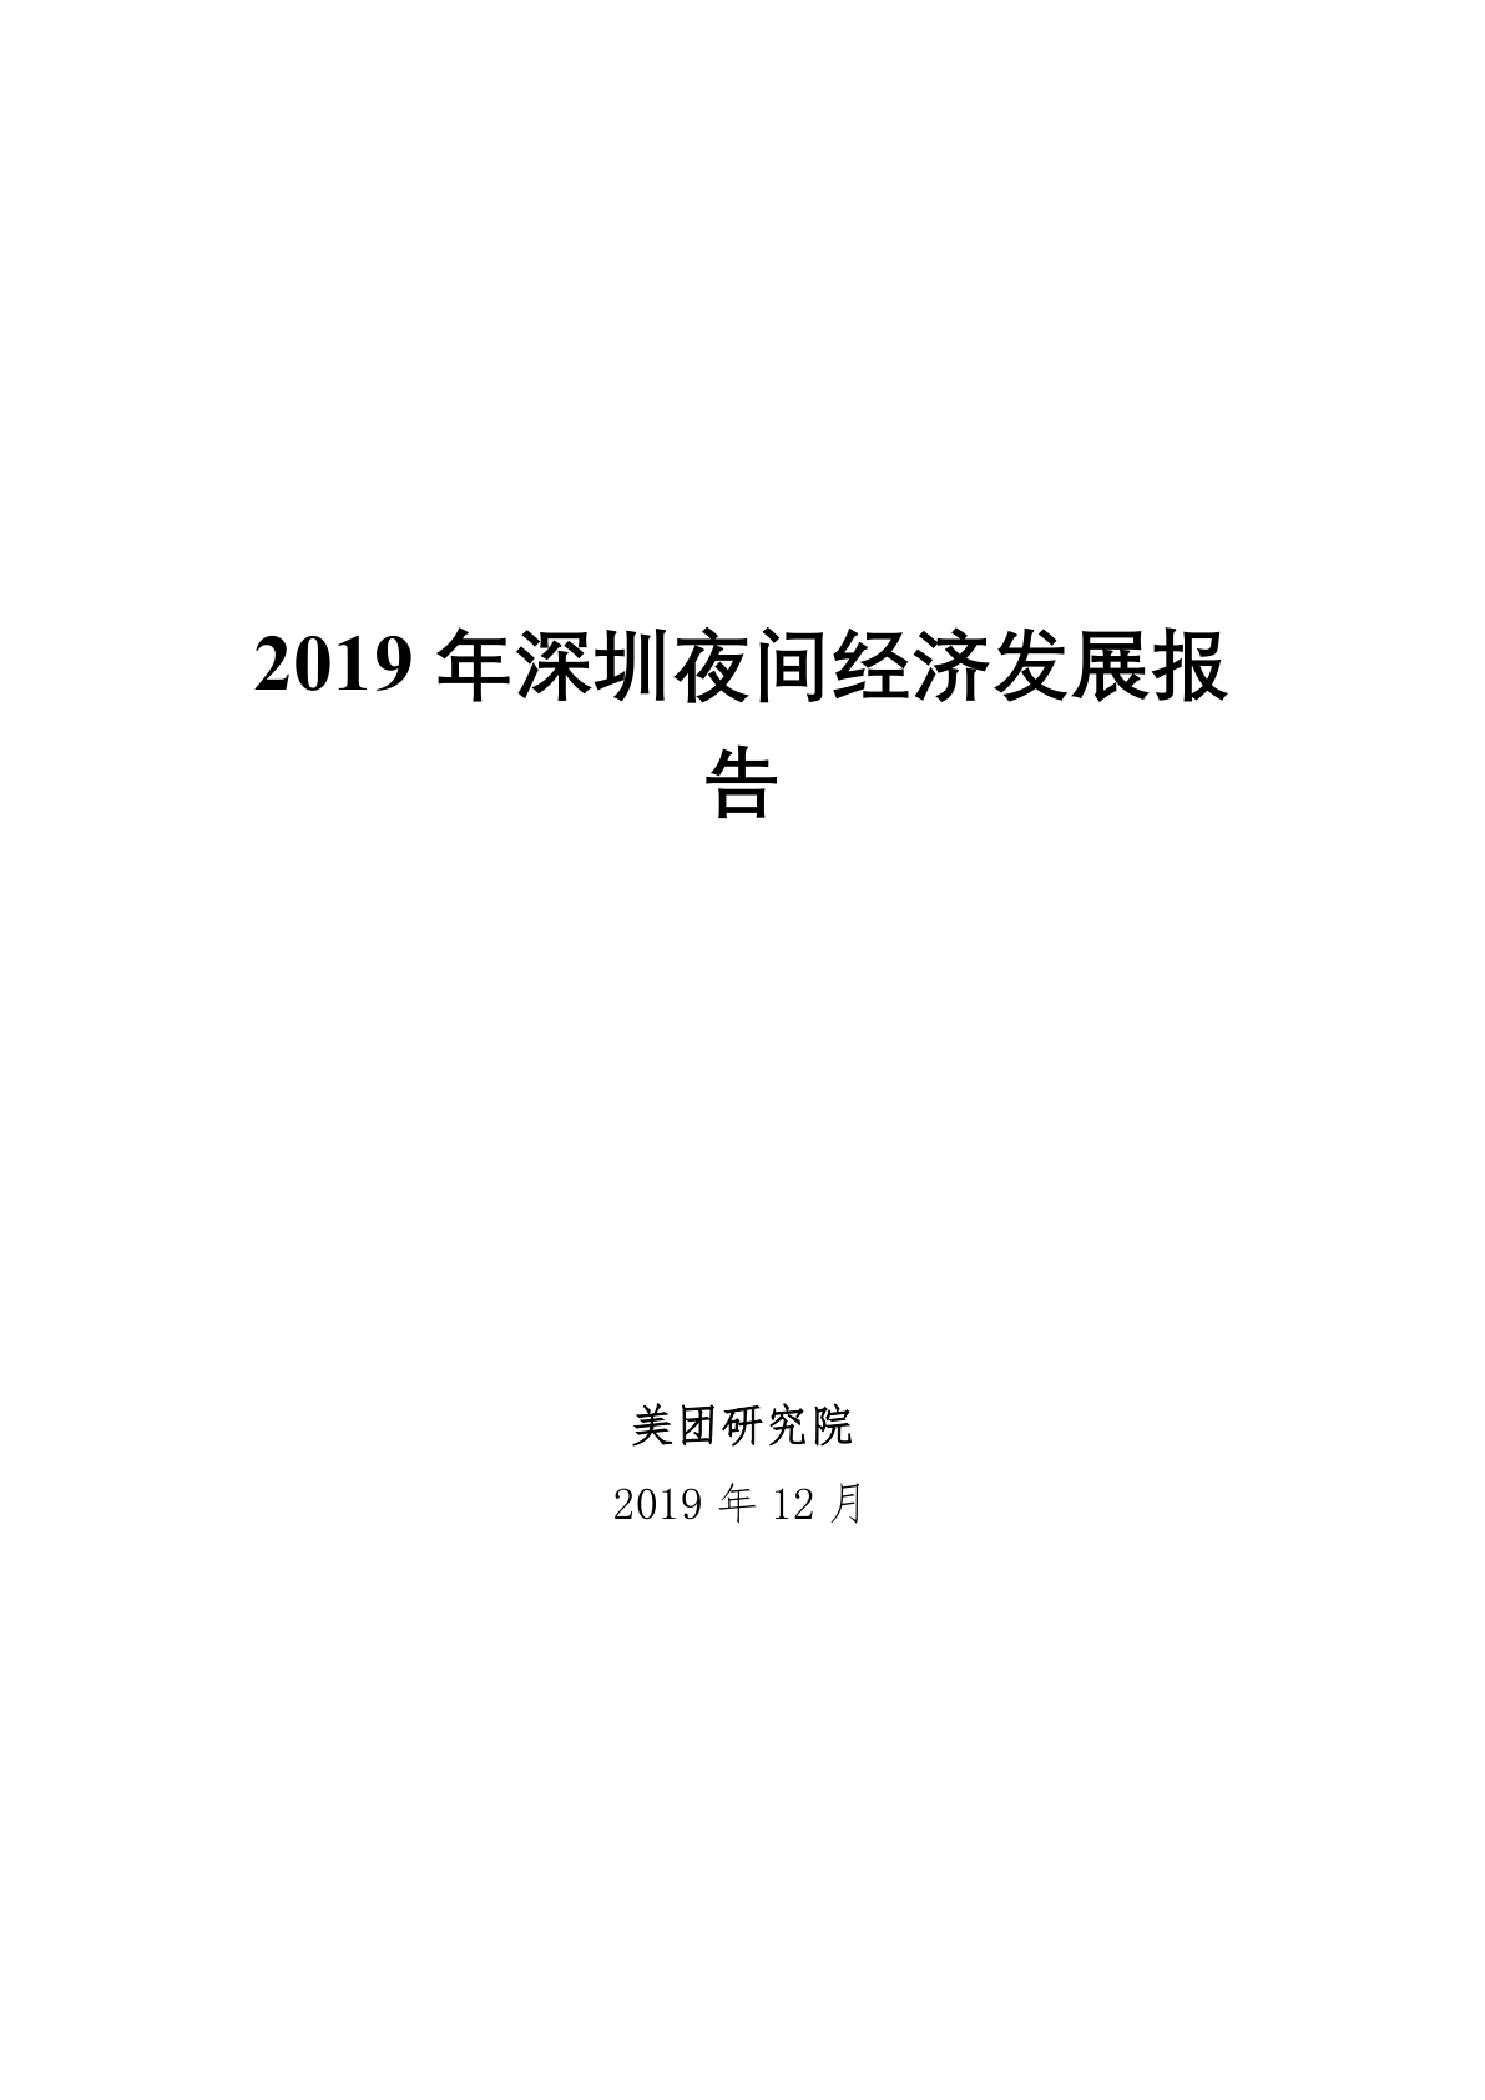 2019年深圳夜间经济发展报告